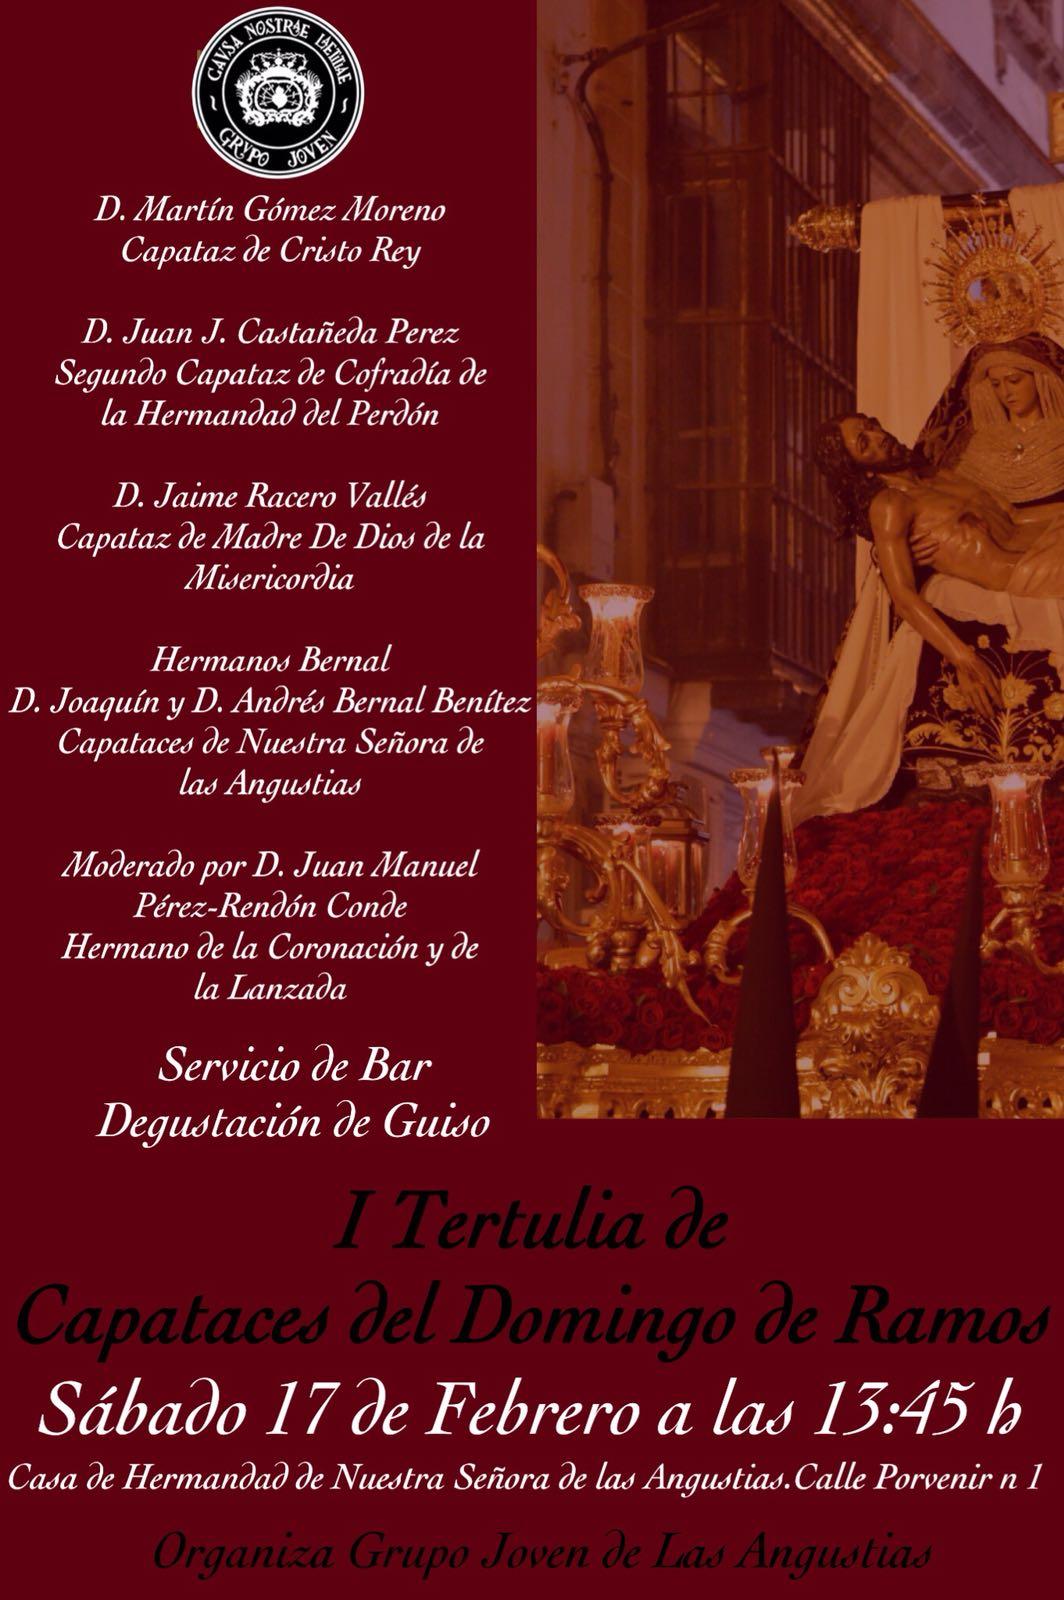 I Tertulia Capataces del Domingo de Ramos